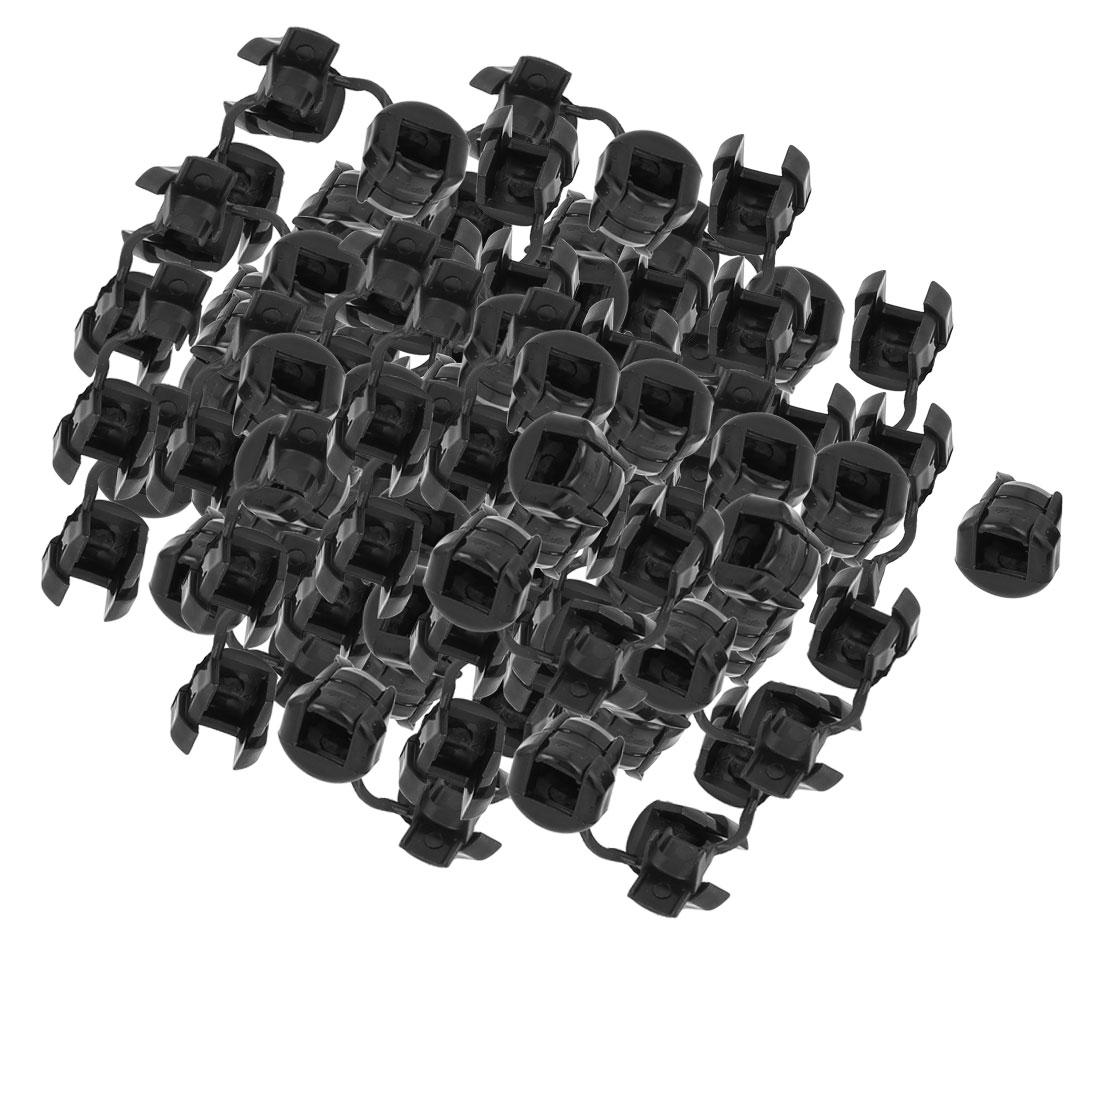 150 Pcs Flat Cable Wire Strain Relief Bush Grommet 15mm Long Black